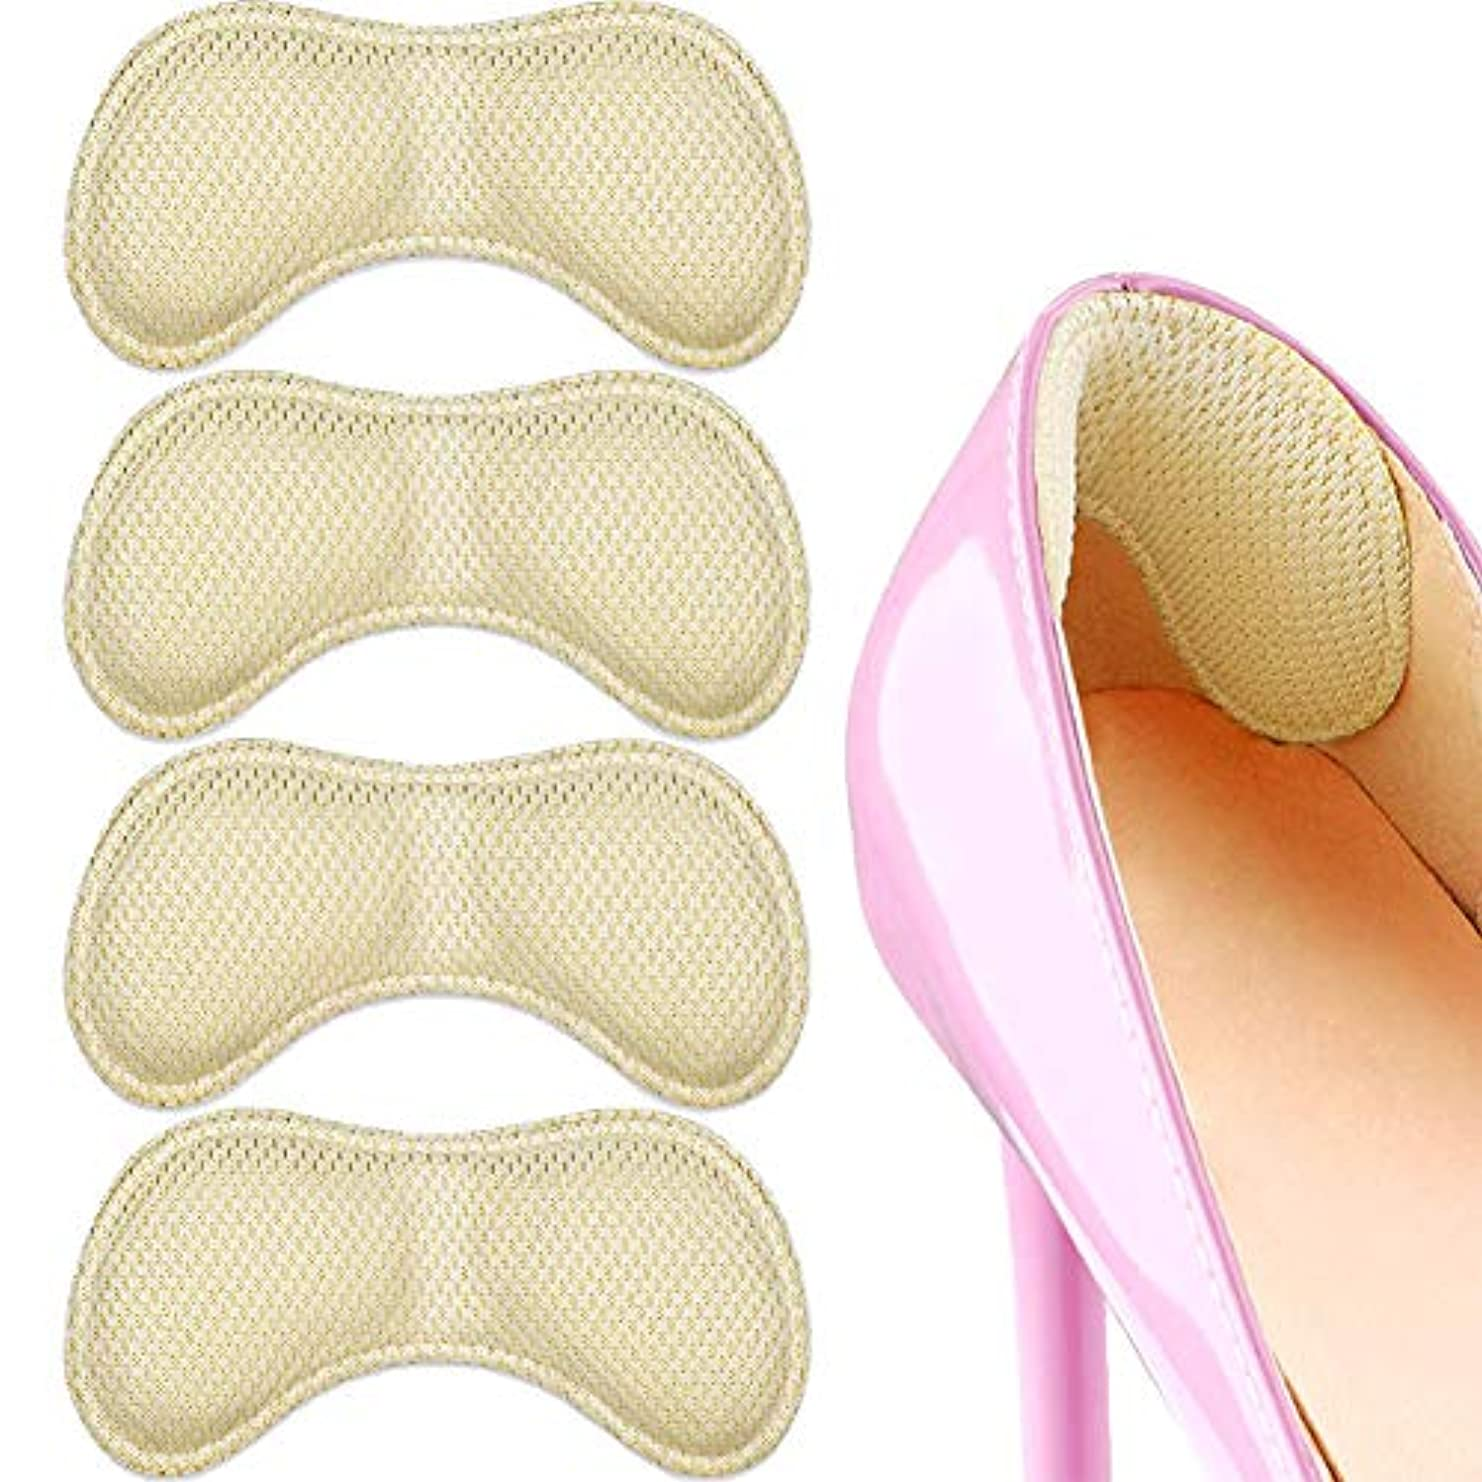 近々従事する集計ZAYAR 靴擦れ防止パッド 靴ずれ防止 かかとパッド パカパカ防止 柔らか 2足セット